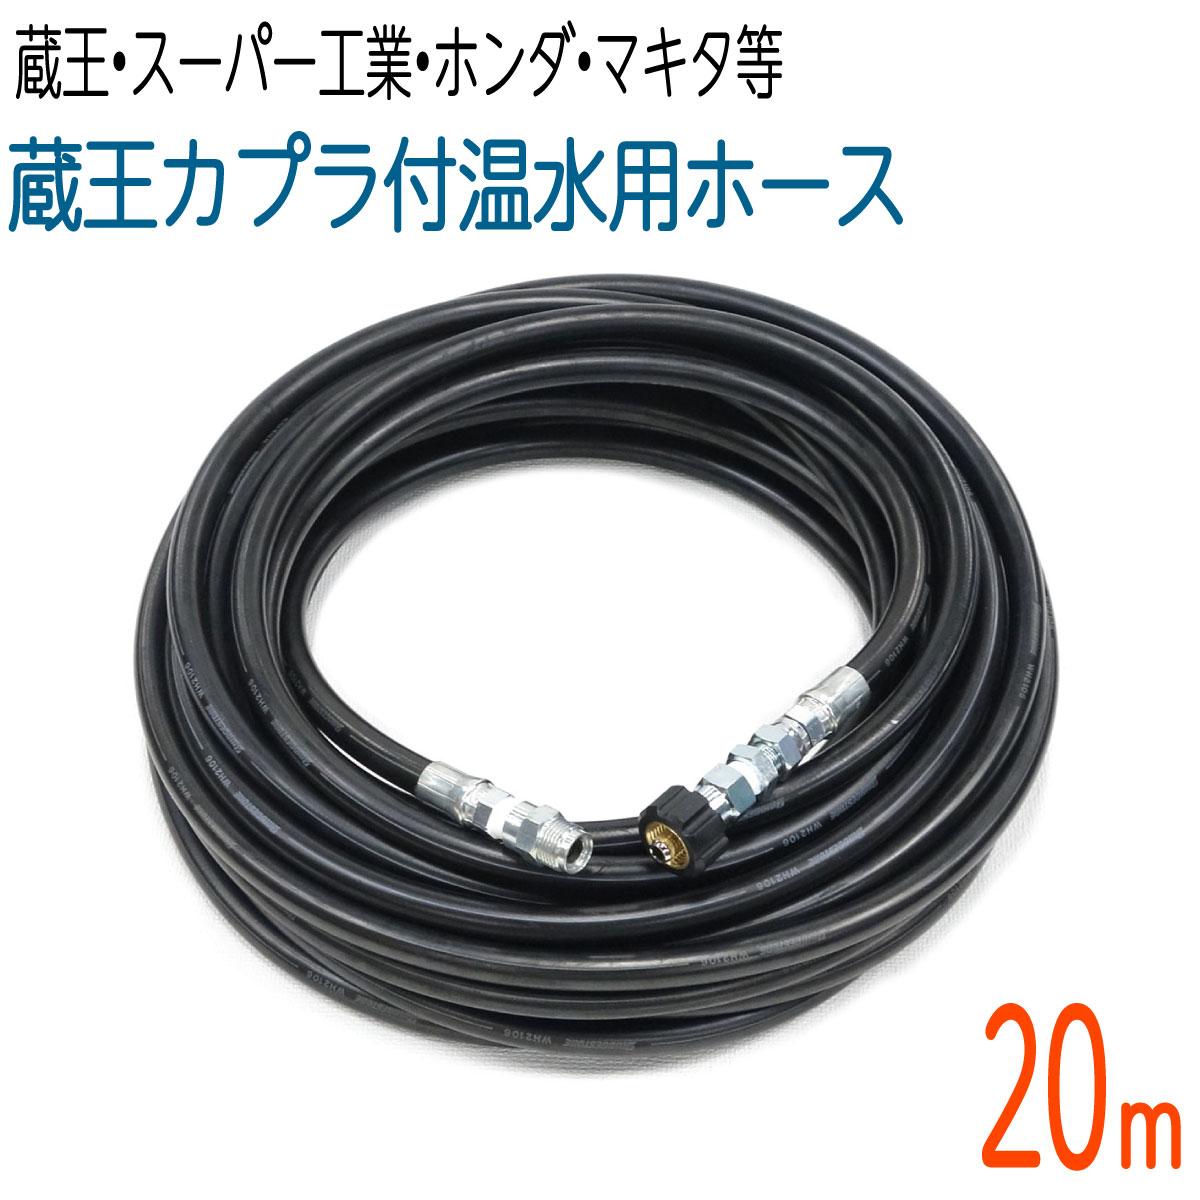 人気のブラウン 【20M】温水ホース蔵王産業(エンジン式)・スーパー工業対応カプラ付き